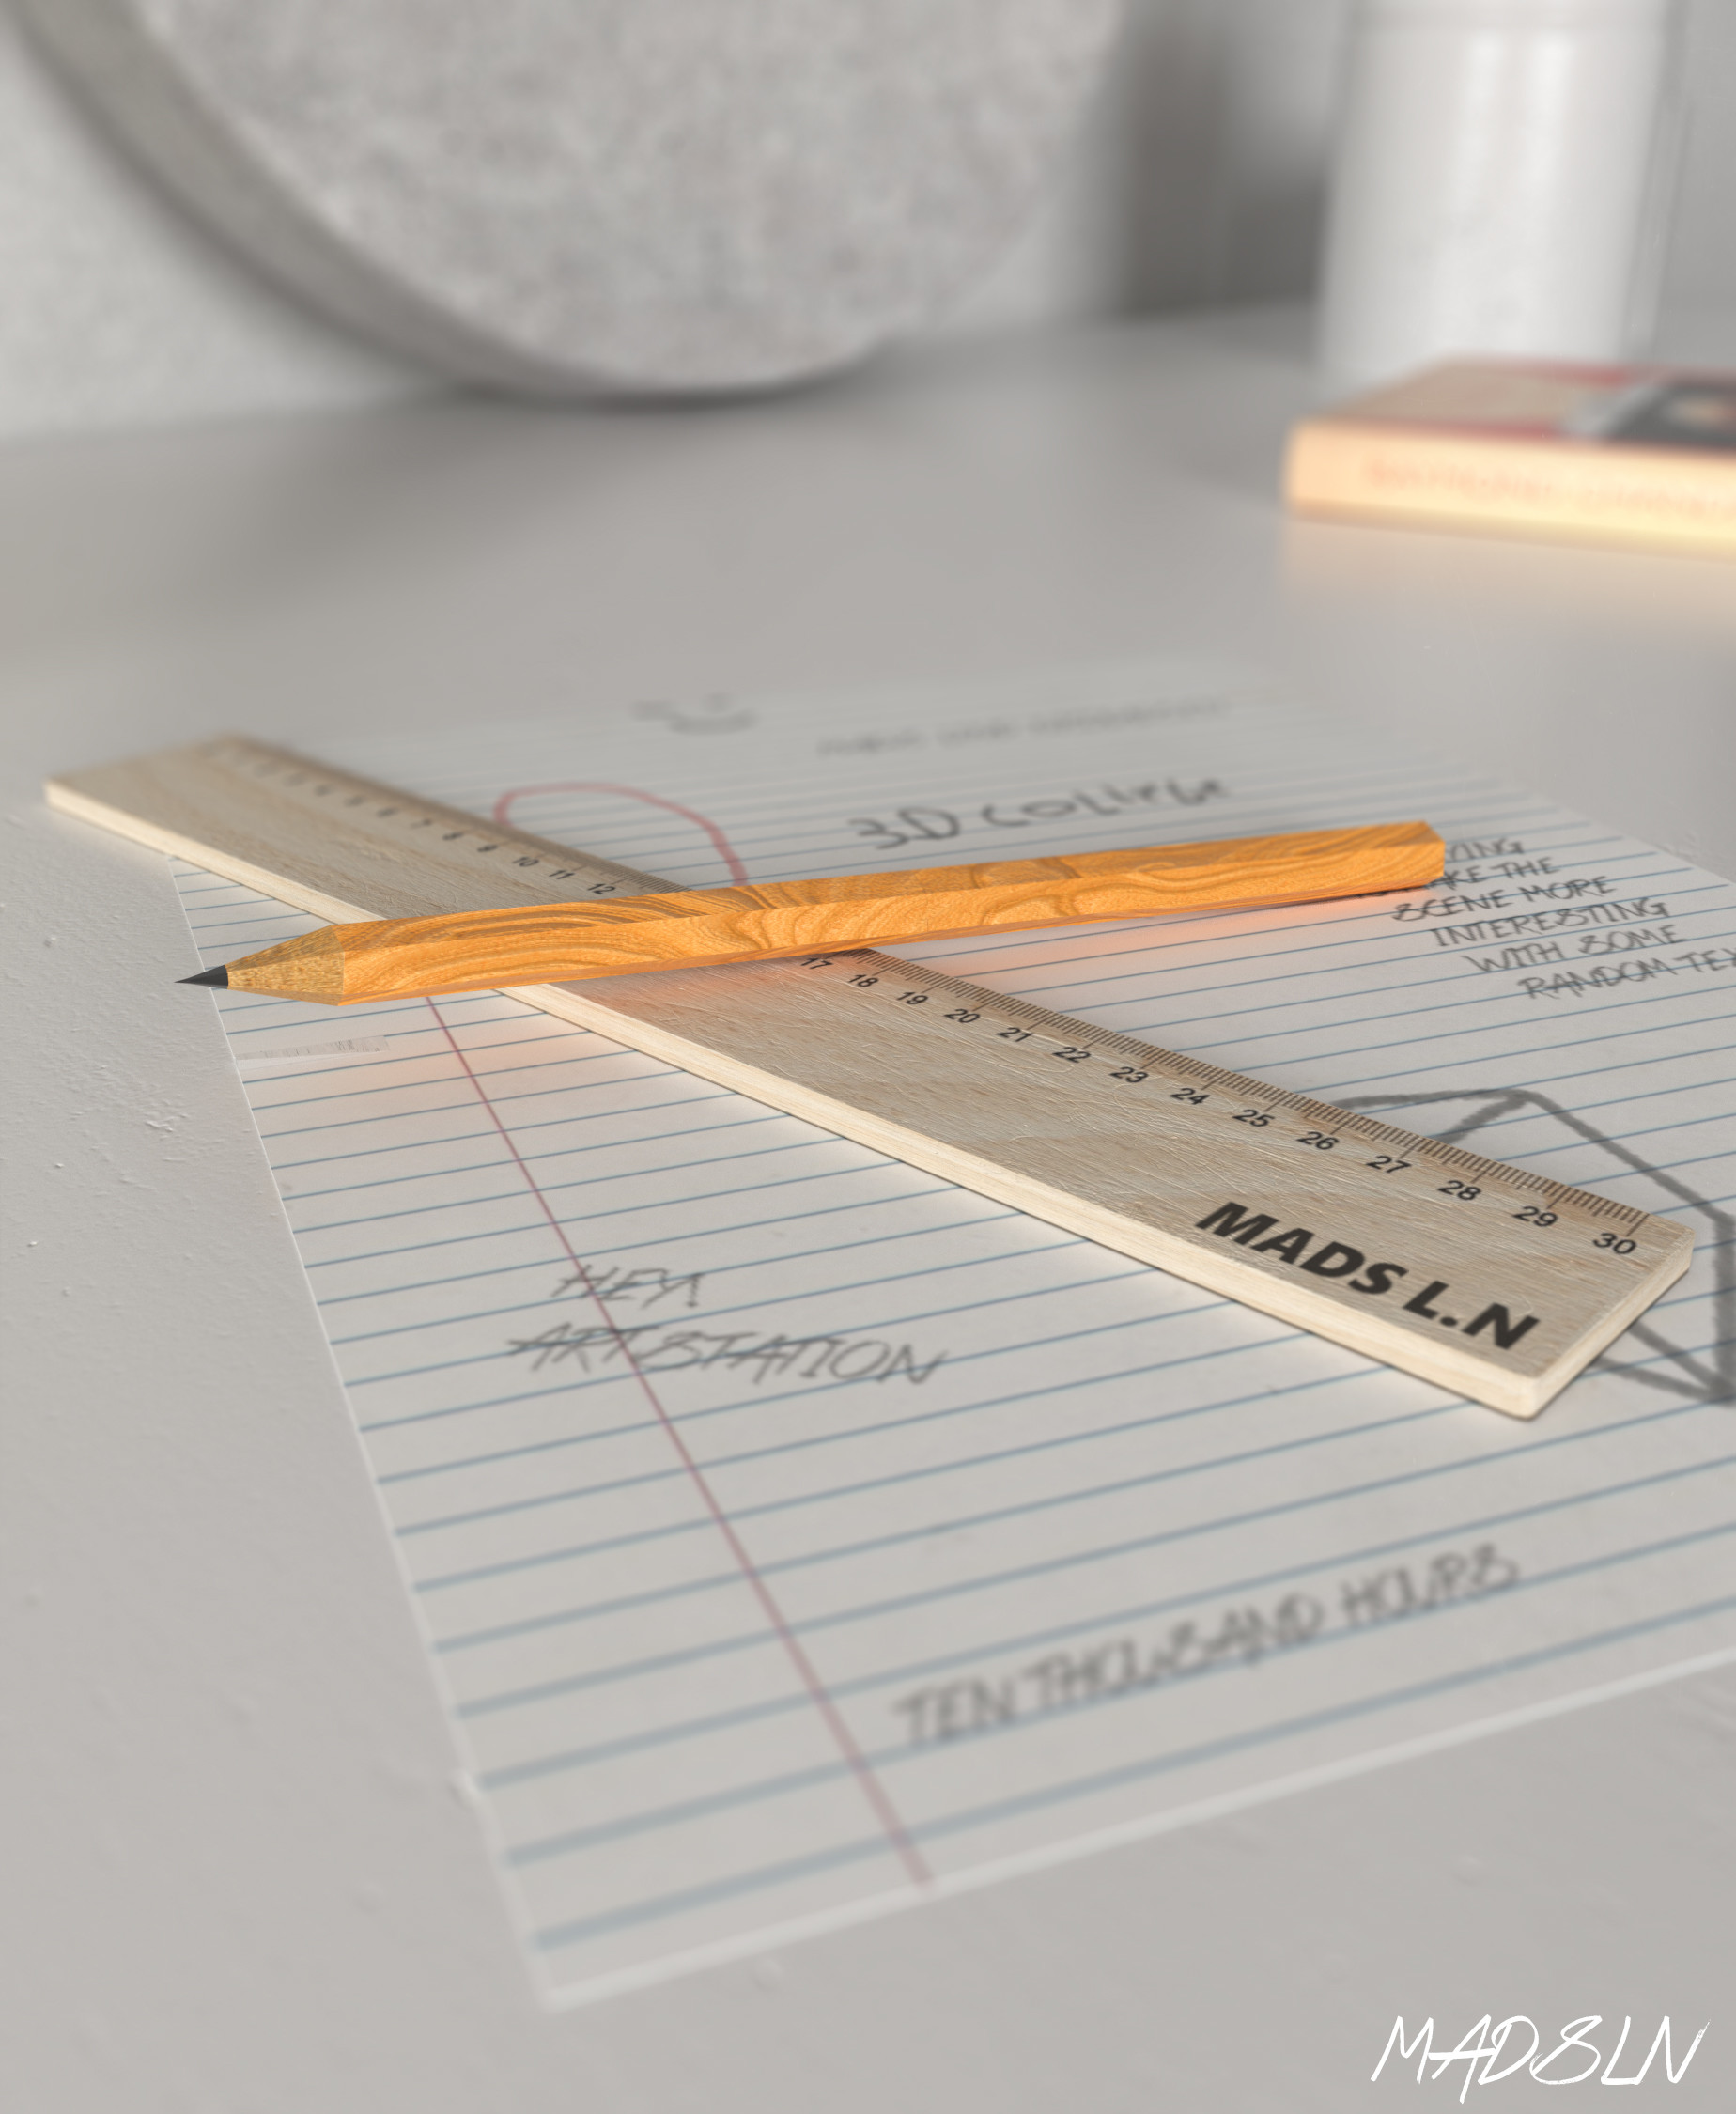 Mx lind nicolaisen paper closeup